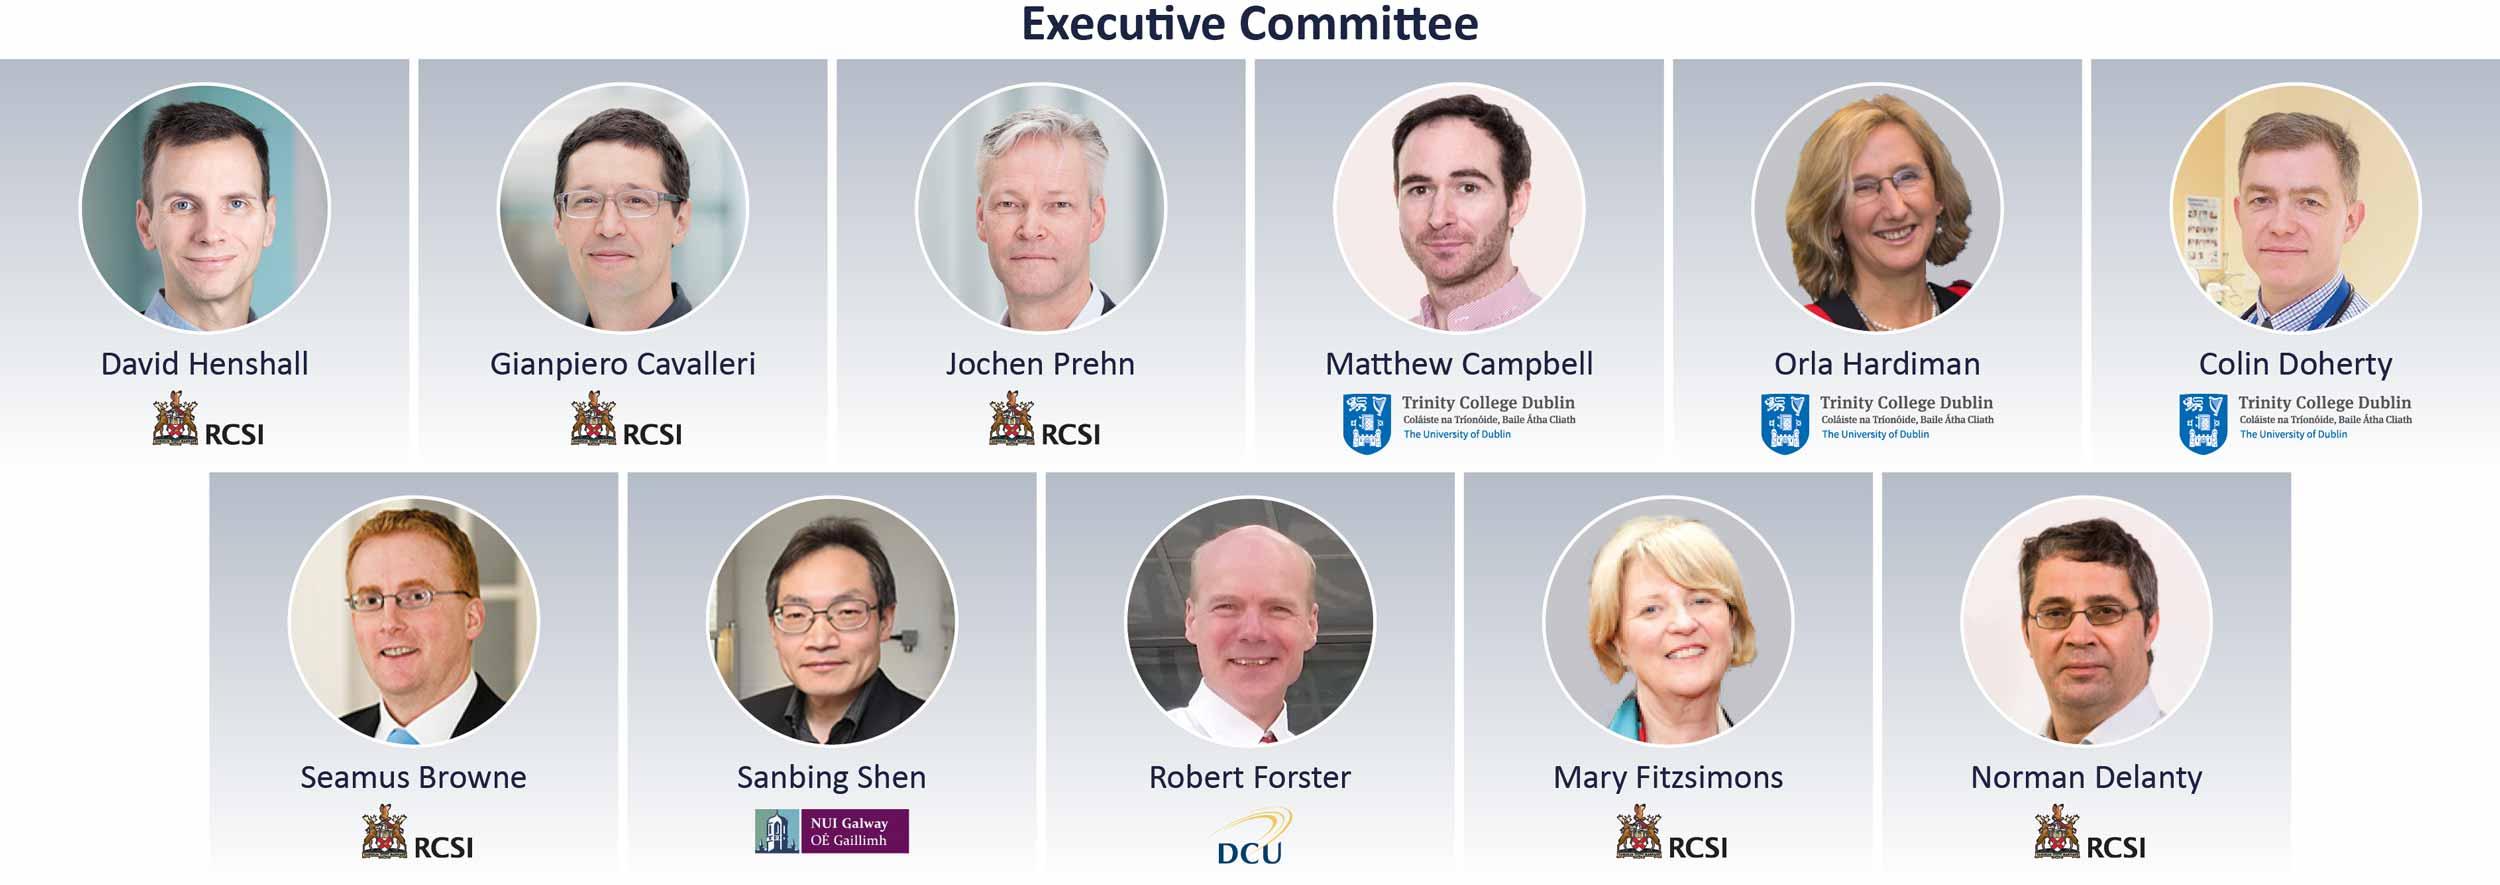 FutureNeuro Executive Committee